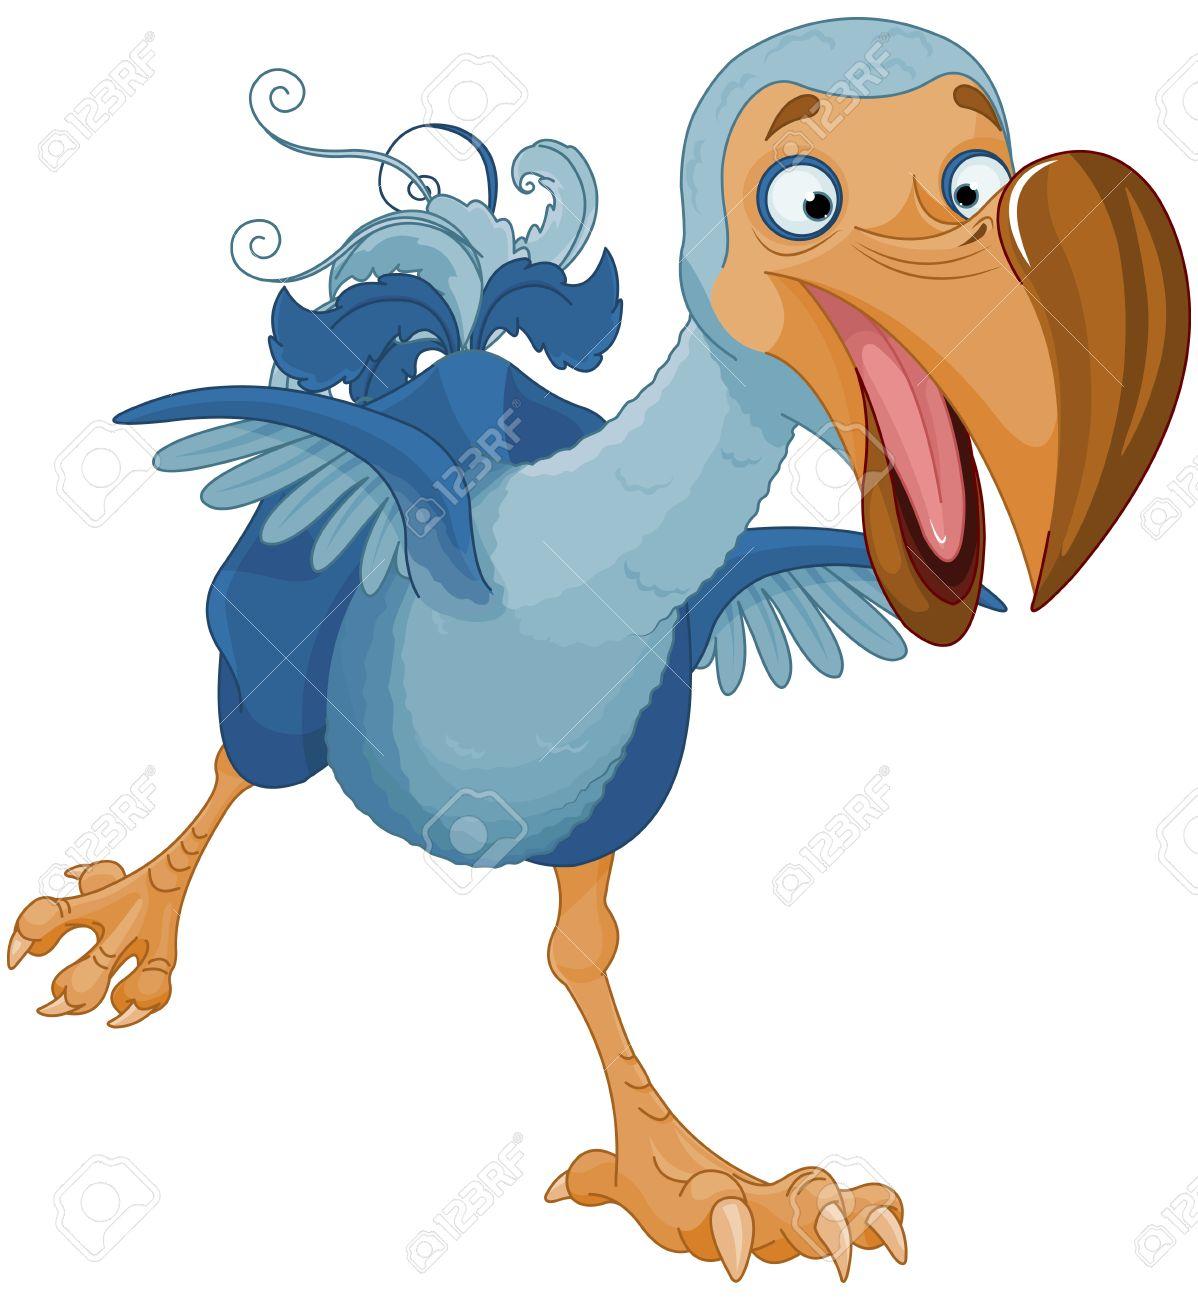 Illustration of cute Dodo bird.